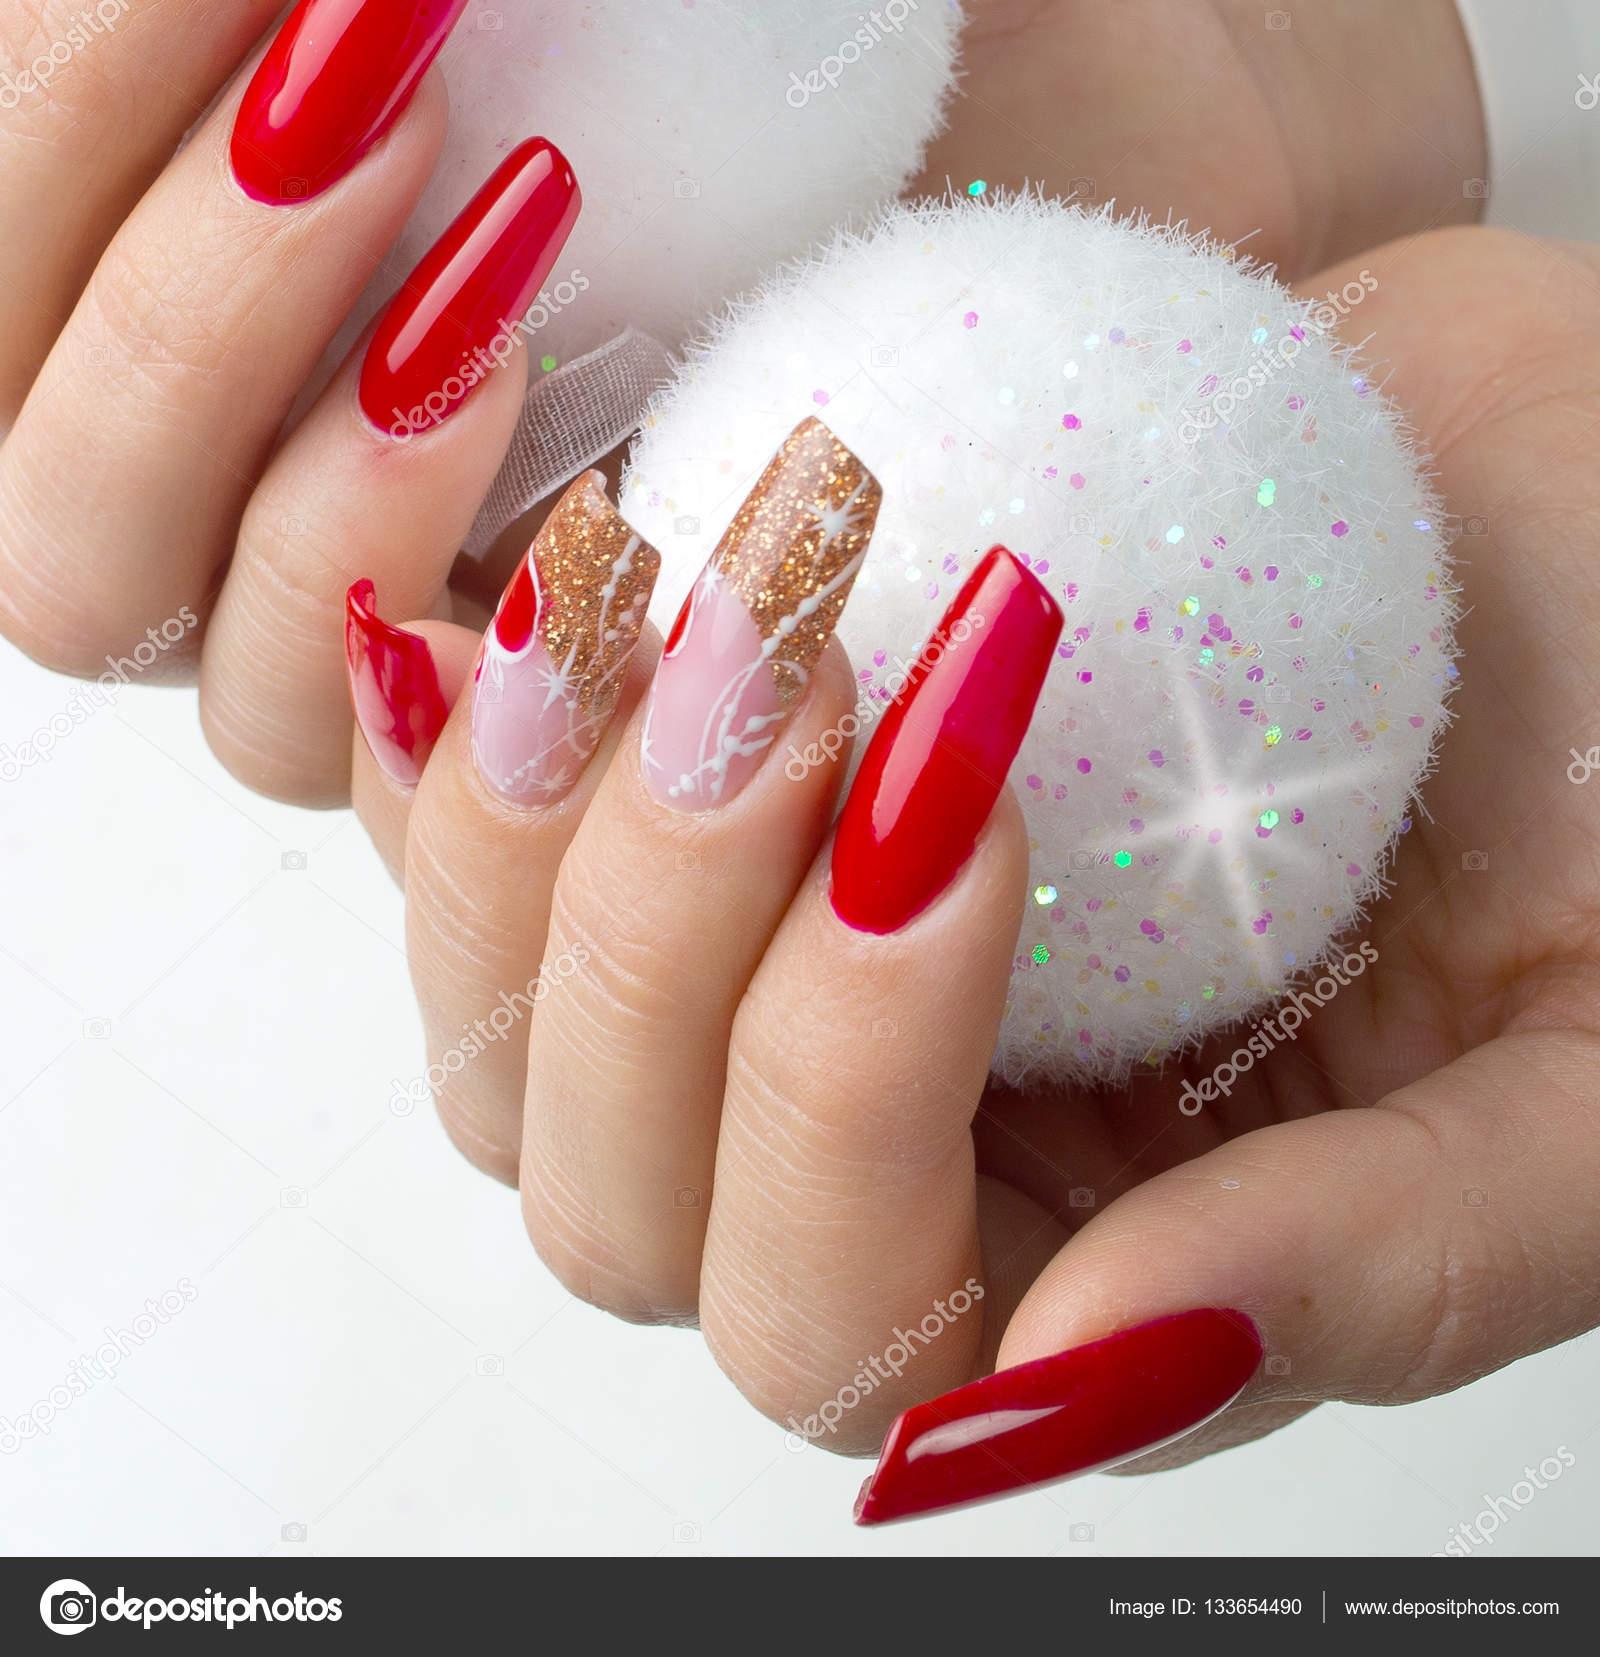 Unas encapsuladas acrilicas decoracion de - Decoracion de unas para navidad ...